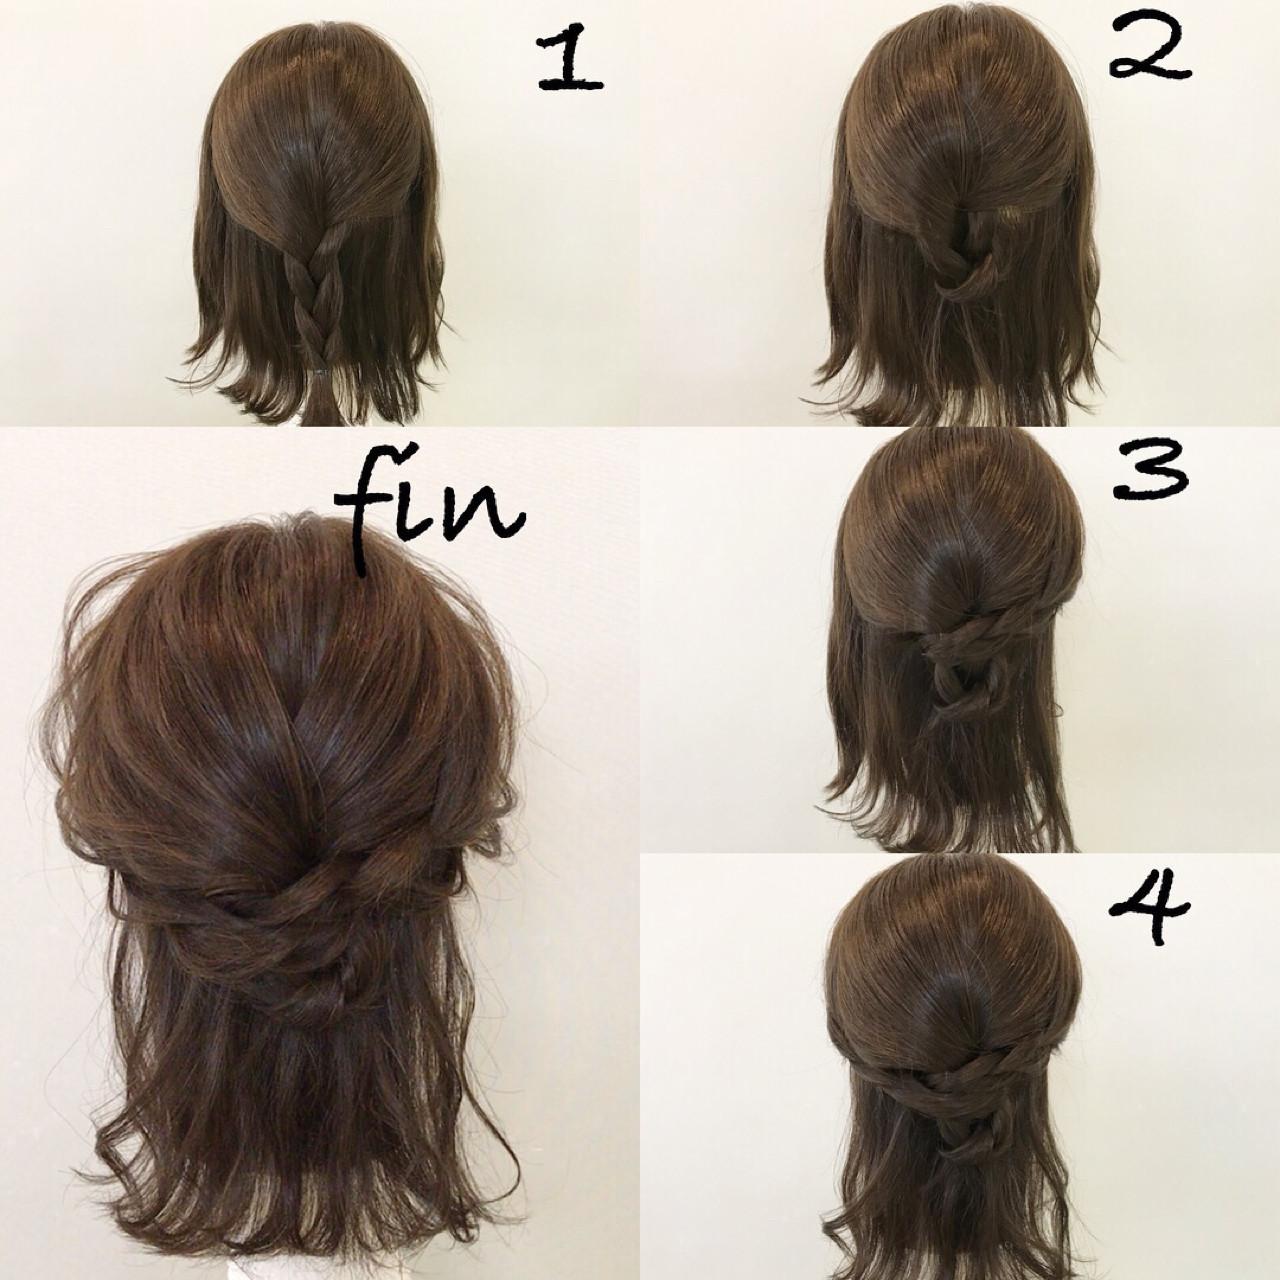 デート 謝恩会 ナチュラル 簡単ヘアアレンジ ヘアスタイルや髪型の写真・画像